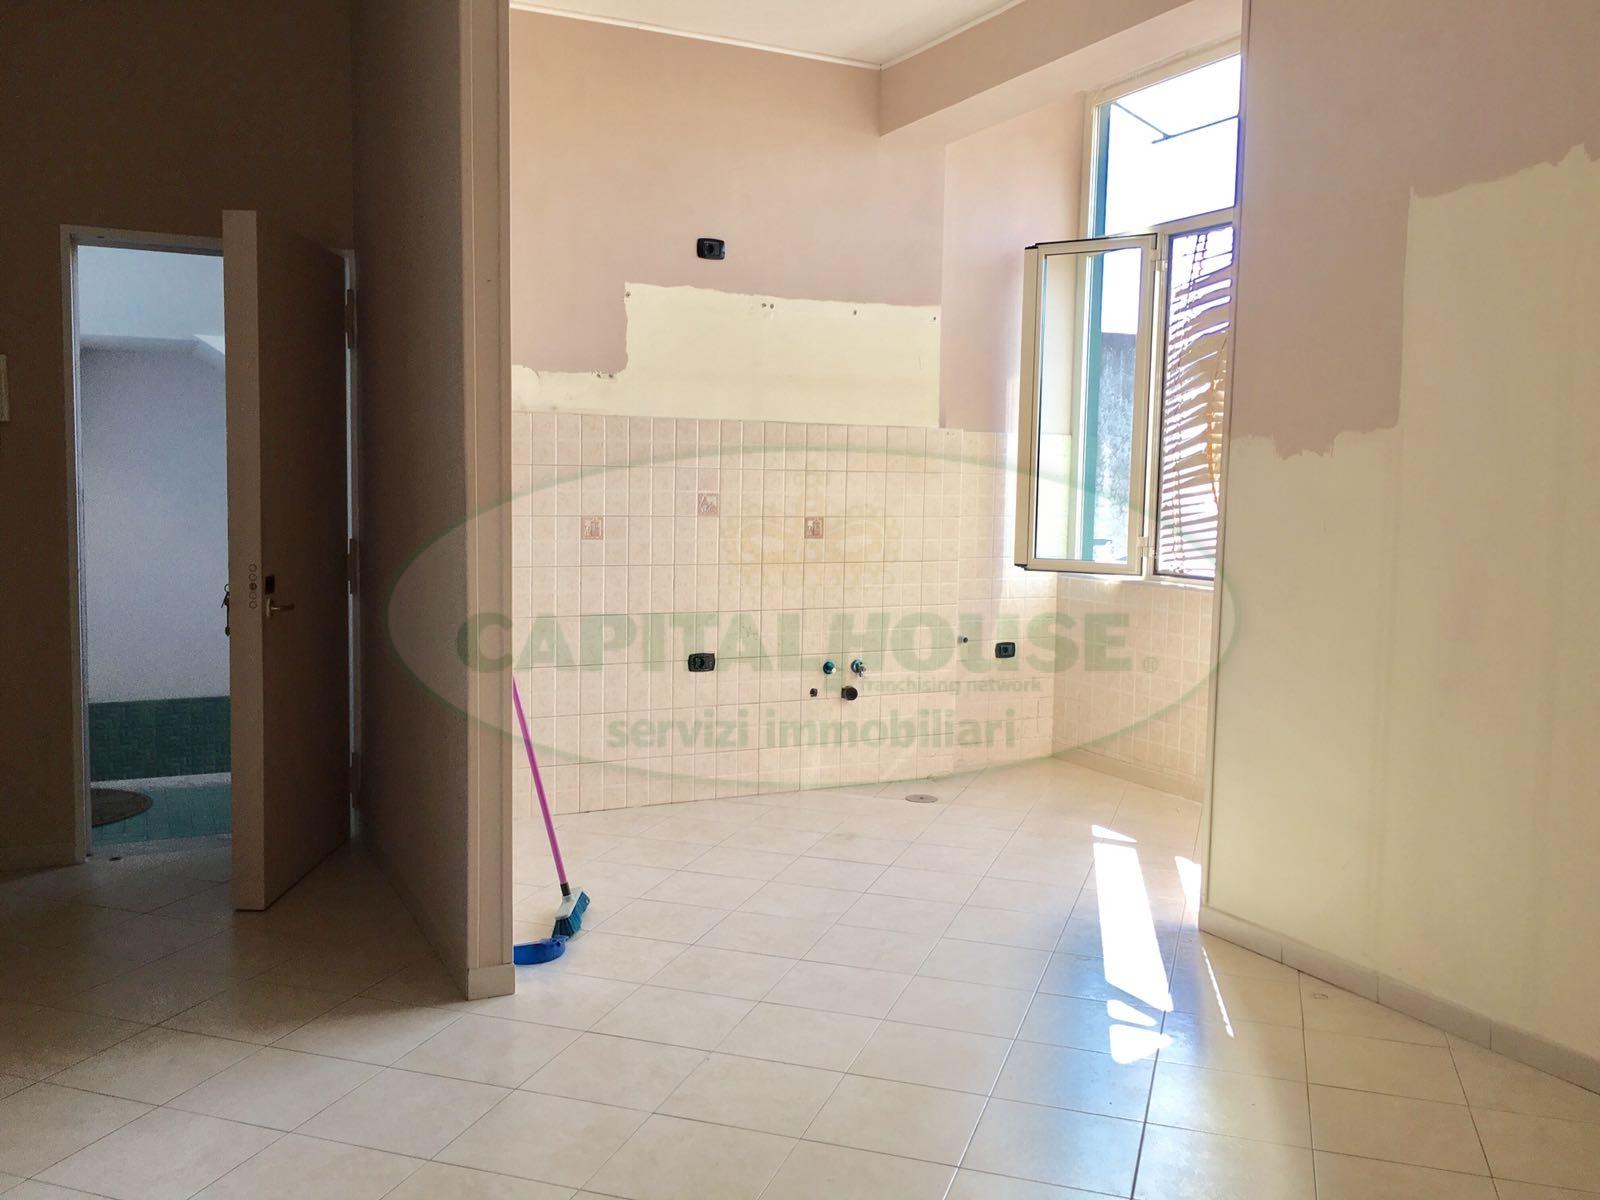 Appartamento in affitto a Afragola, 3 locali, zona Località: CorsoGaribaldi, prezzo € 480 | CambioCasa.it